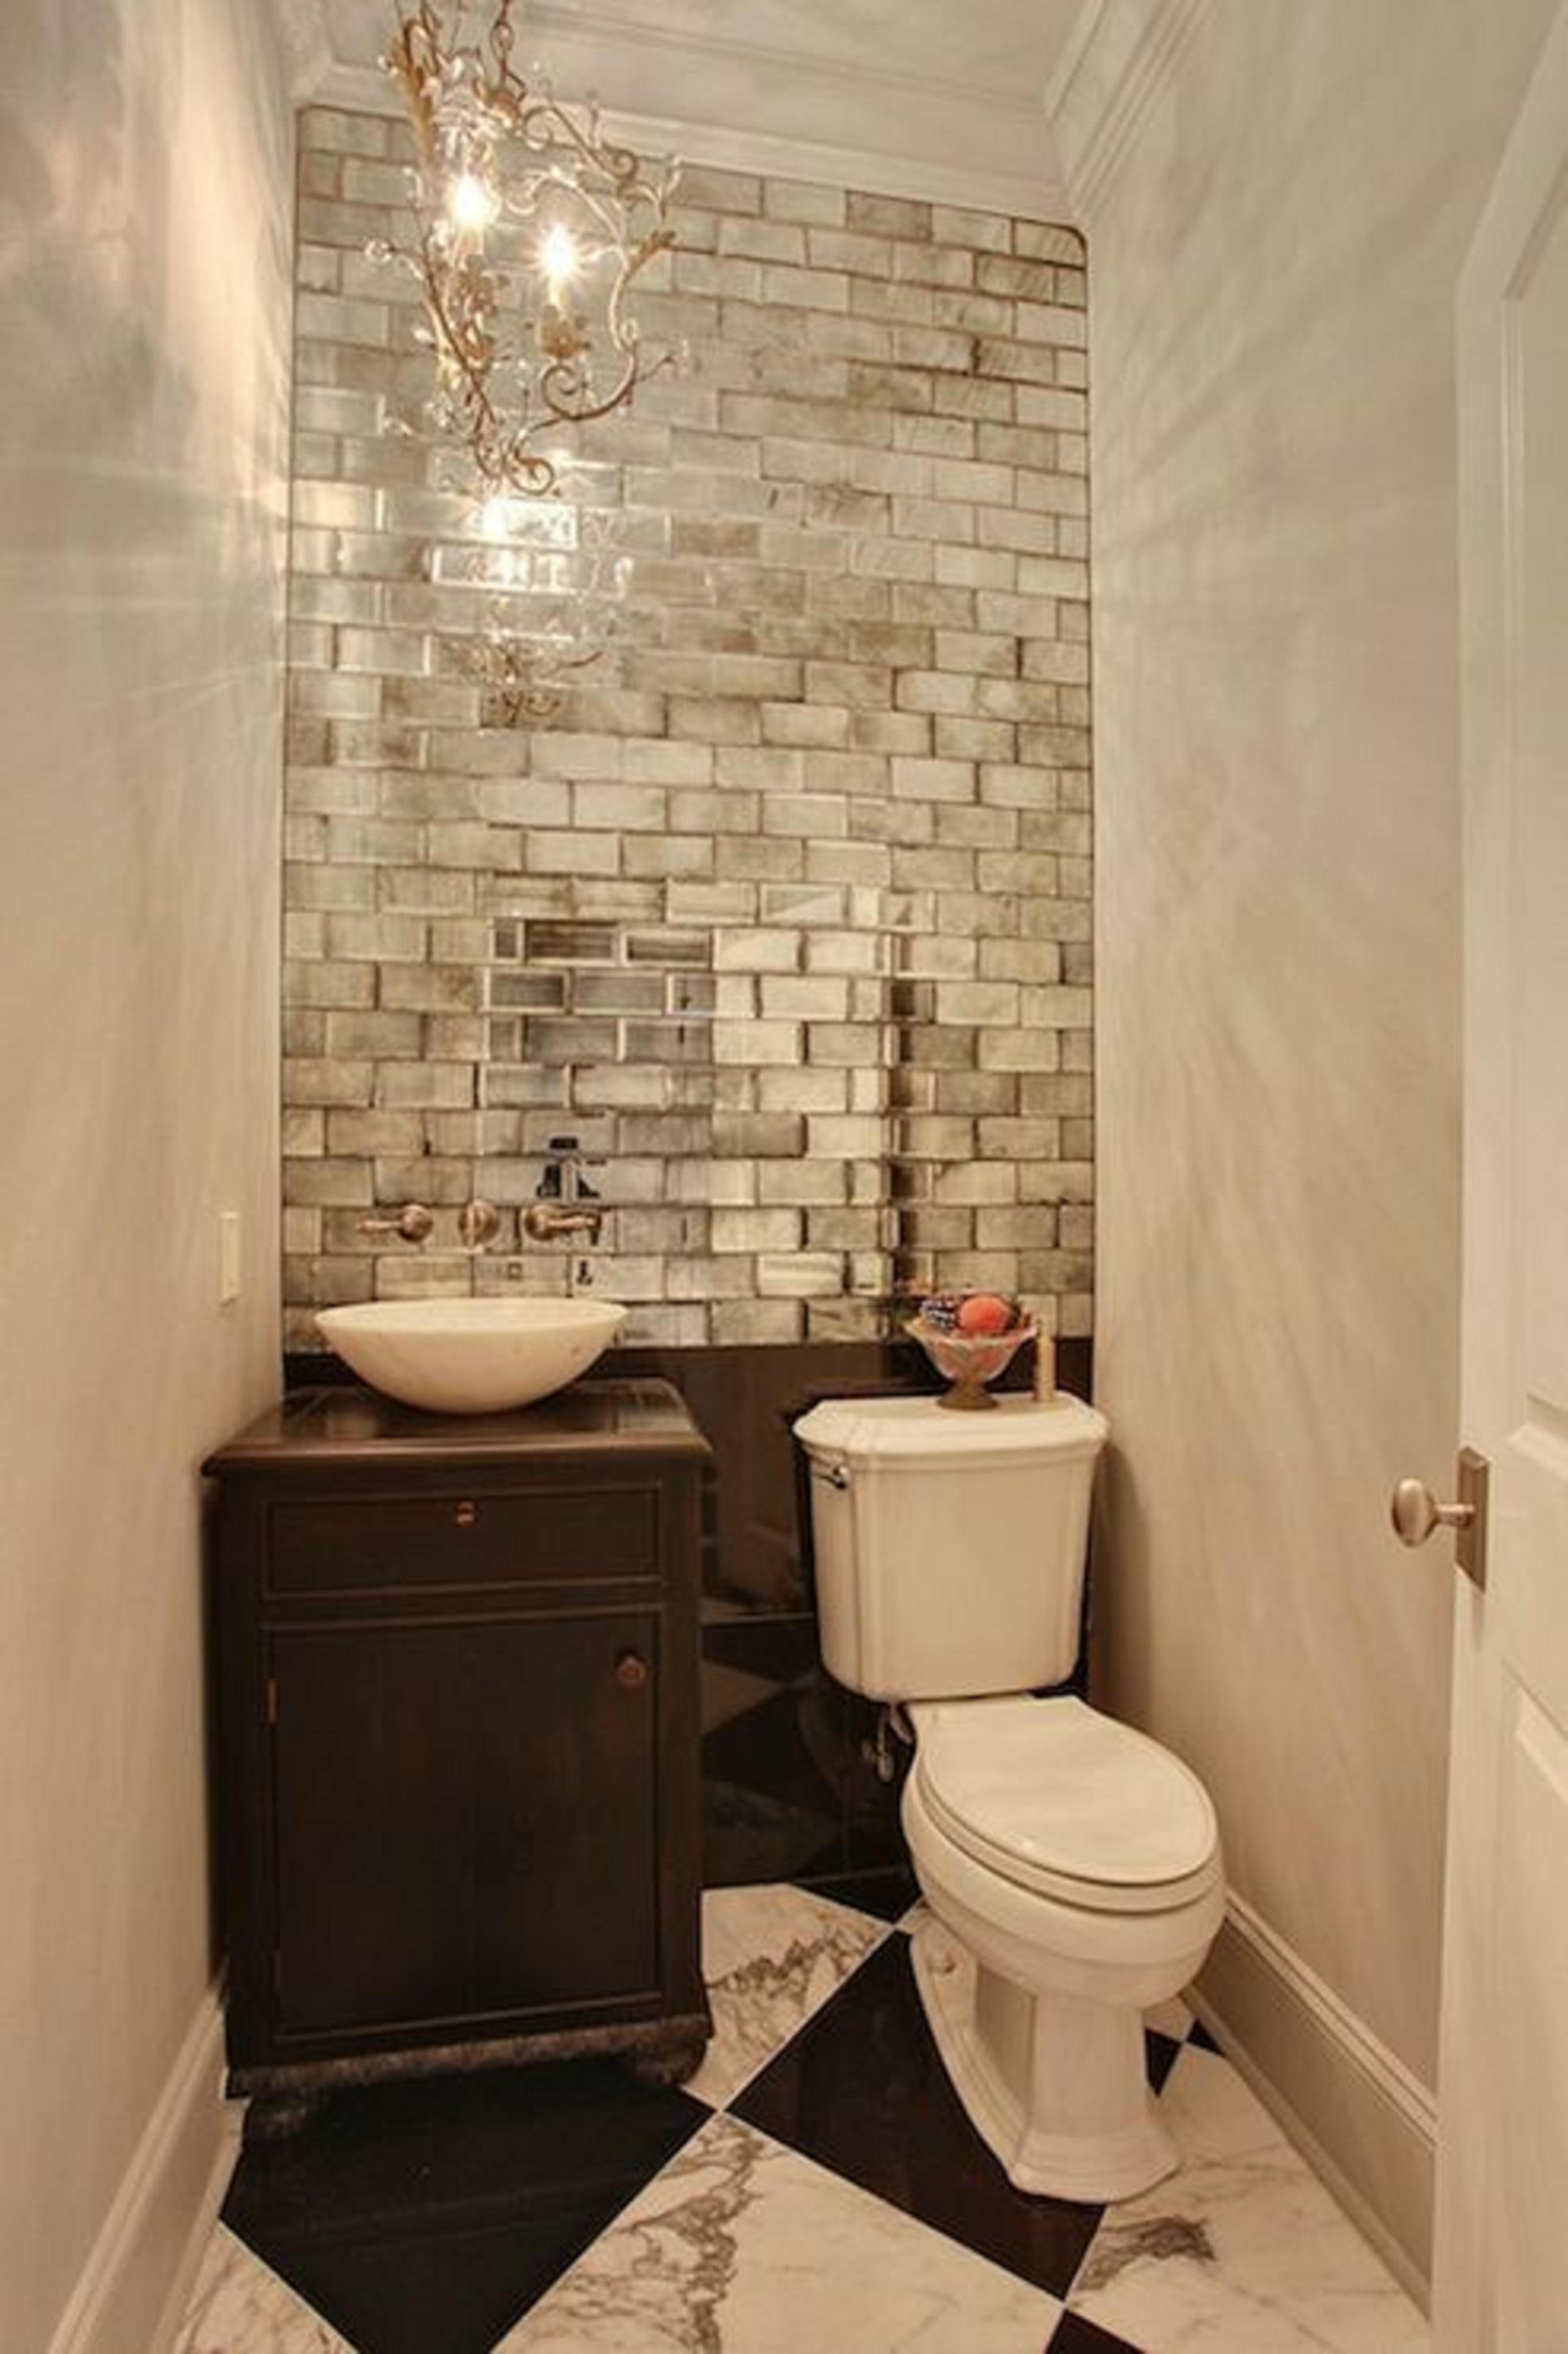 Casa De Banho Pequena Sem Problema